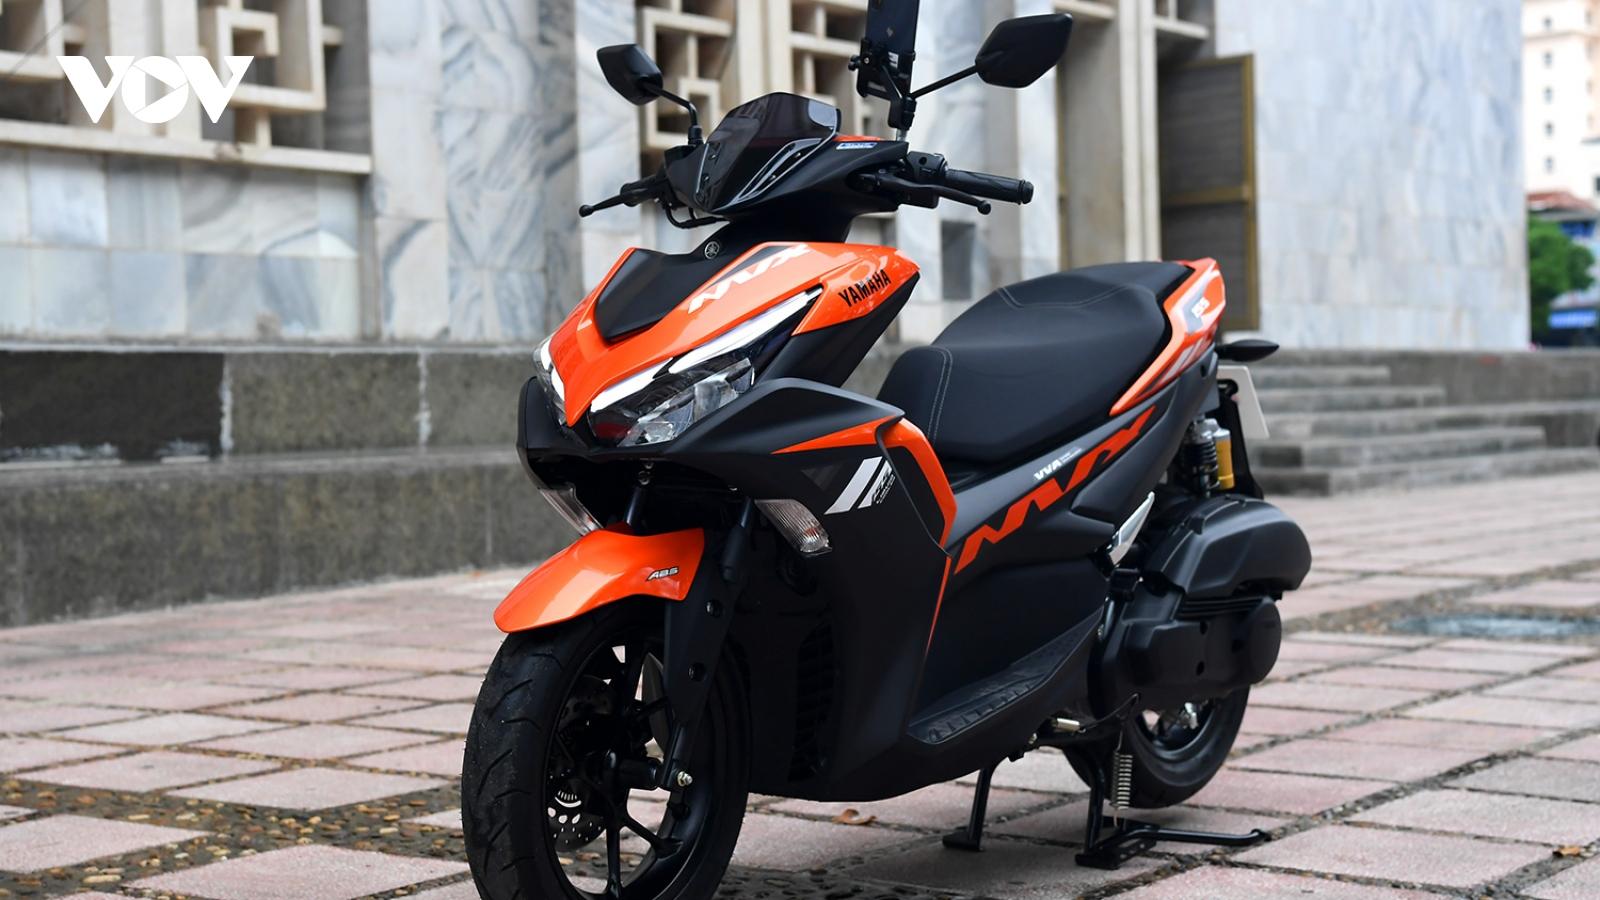 Yamaha NVX 155 VVA mới có gì khác biệt?